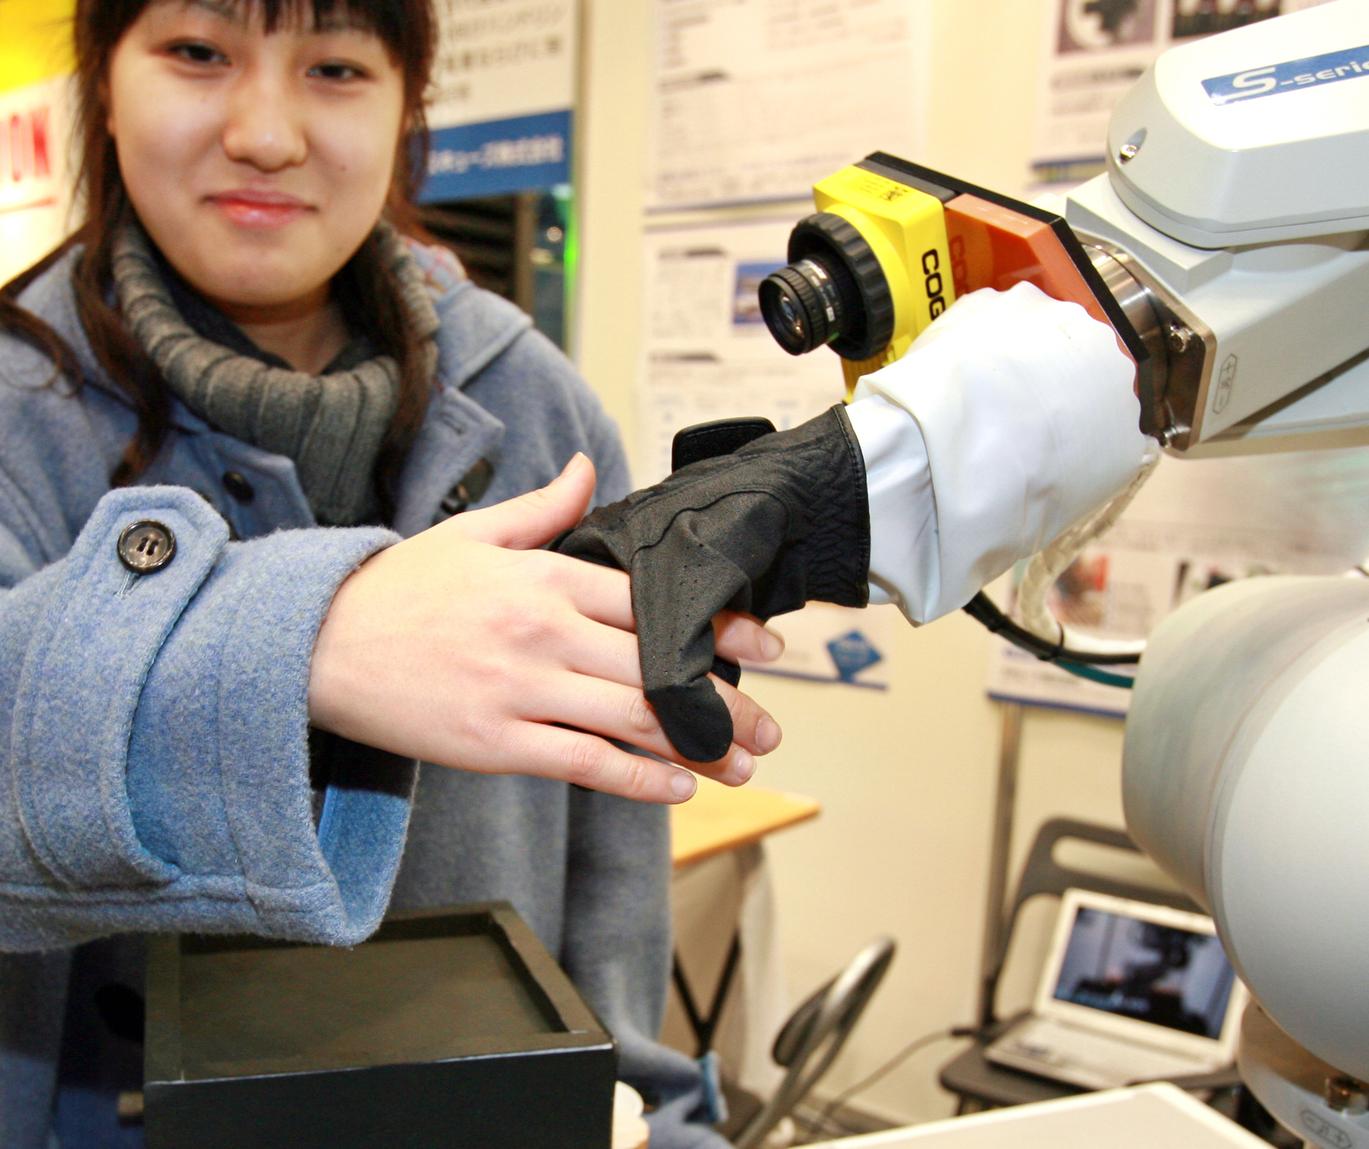 Egy látogató kezet ráz egy puha robotkézzel egy tokiói kiállításon 2009-ben. A Squse japán vállalat fejlesztette robotkéznek 21 mesterséges izma van pneumatikus működtető egységekkel, amelyekkel az ujj egyes ízületei behajlíthatóak és kinyújthatóak. Emellett CCD-kamerával szerelték fel, és az emberi kézhez hasonlóan képes megmarkolni a tárgyakat. (Fotó: AFP)